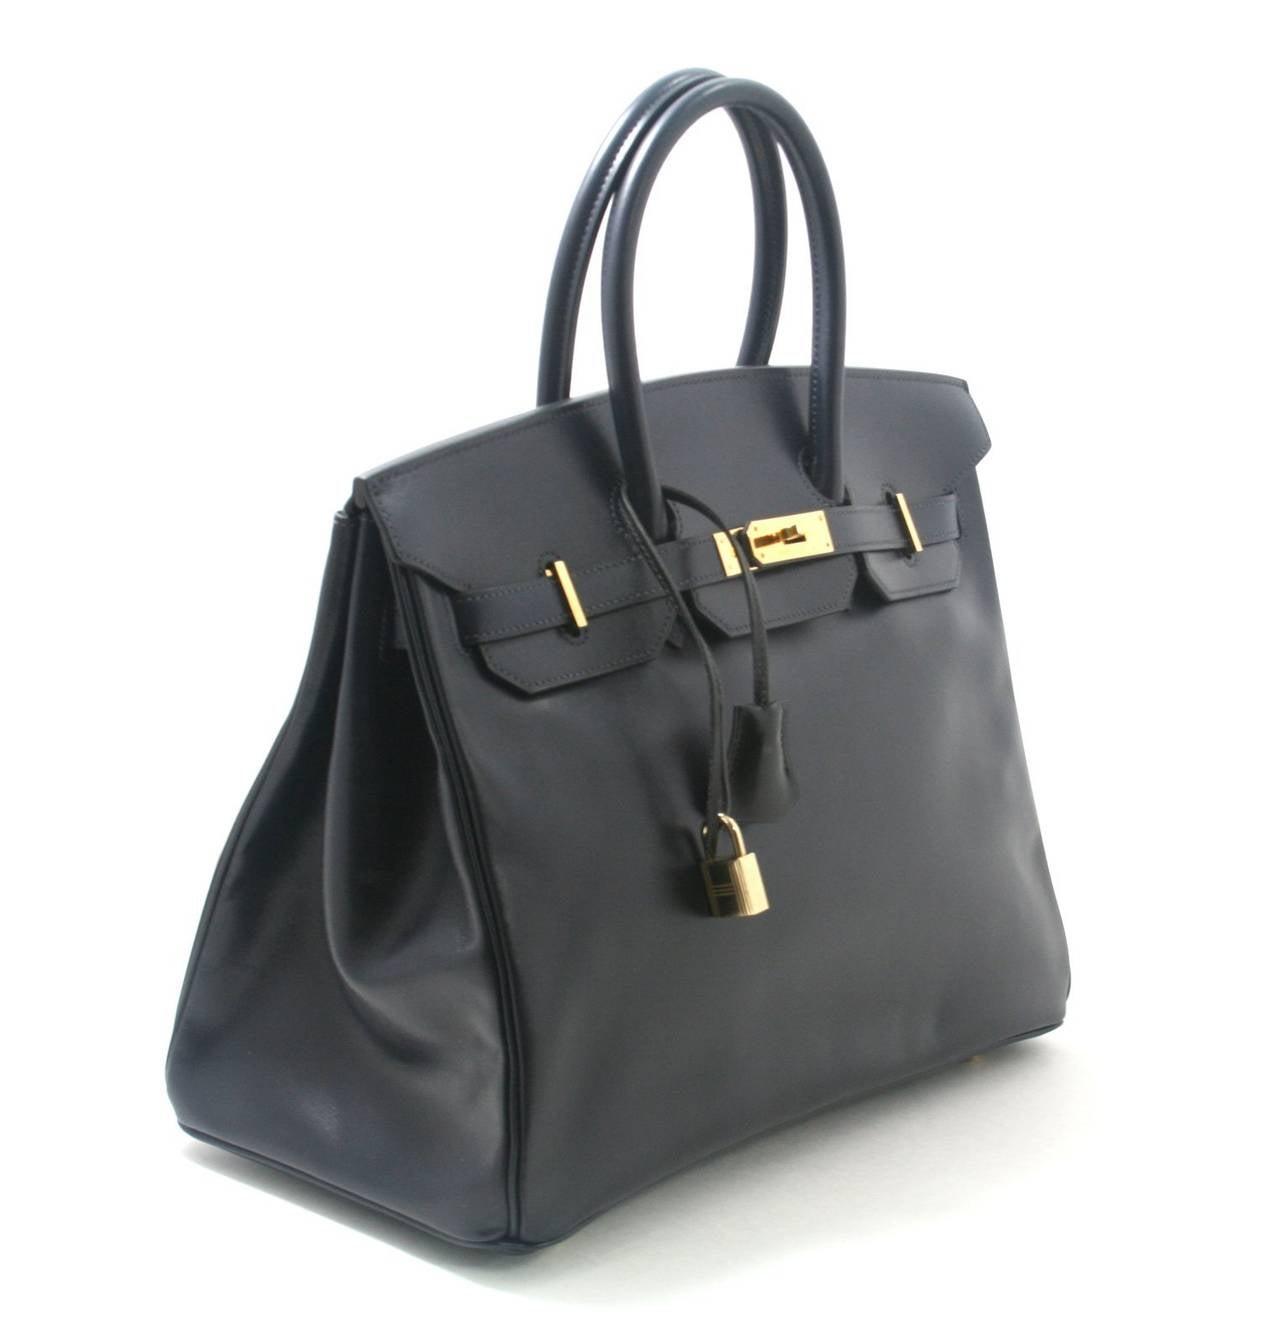 Hermes Birkin Box Calf Leather Box Calf Leather Birkin